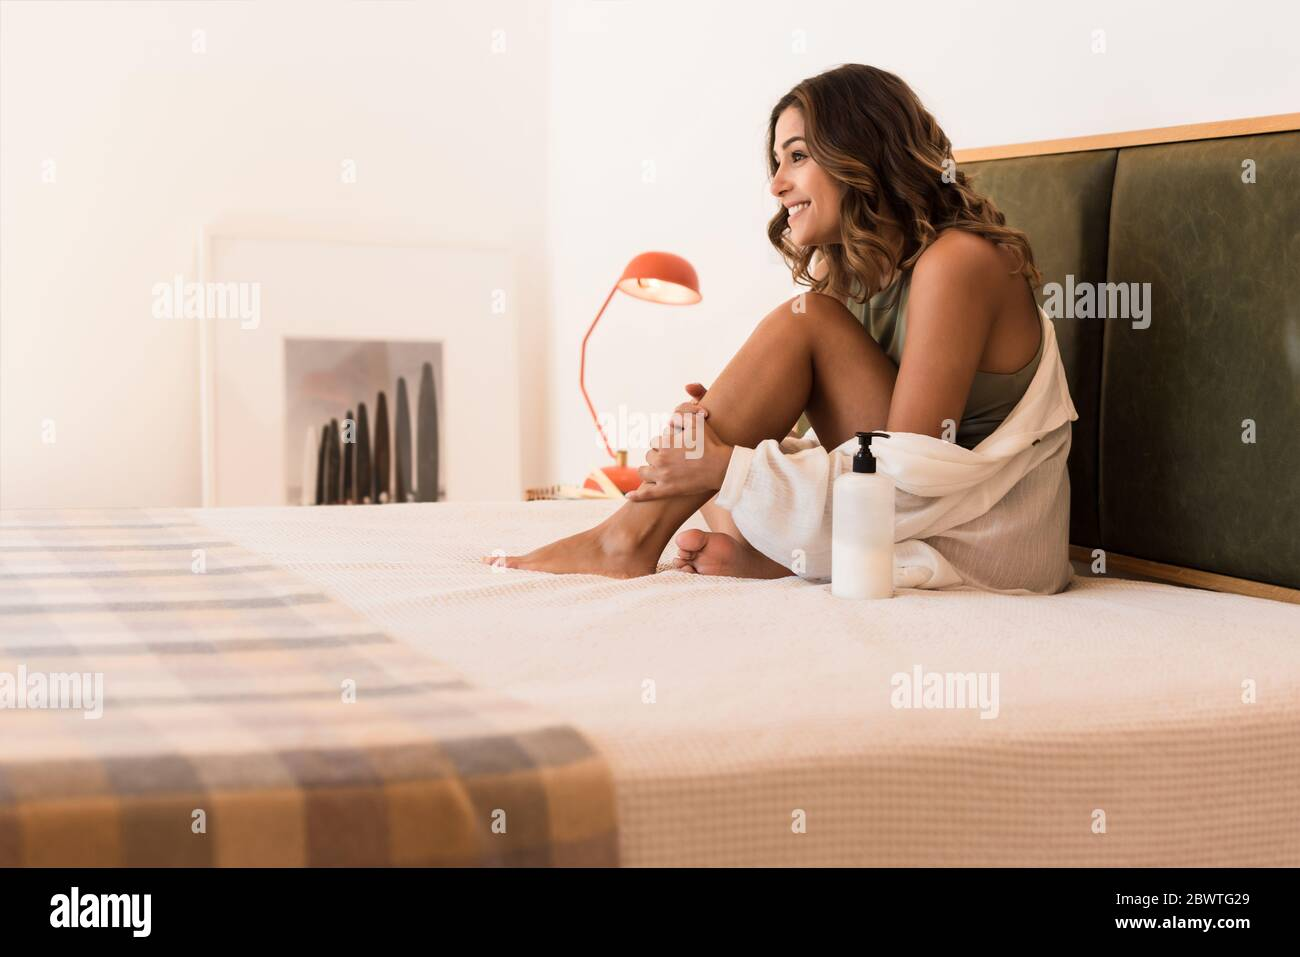 Mujer latina aplicando crema corporal de un recipiente blanco con espacio de copia para calificar Foto de stock